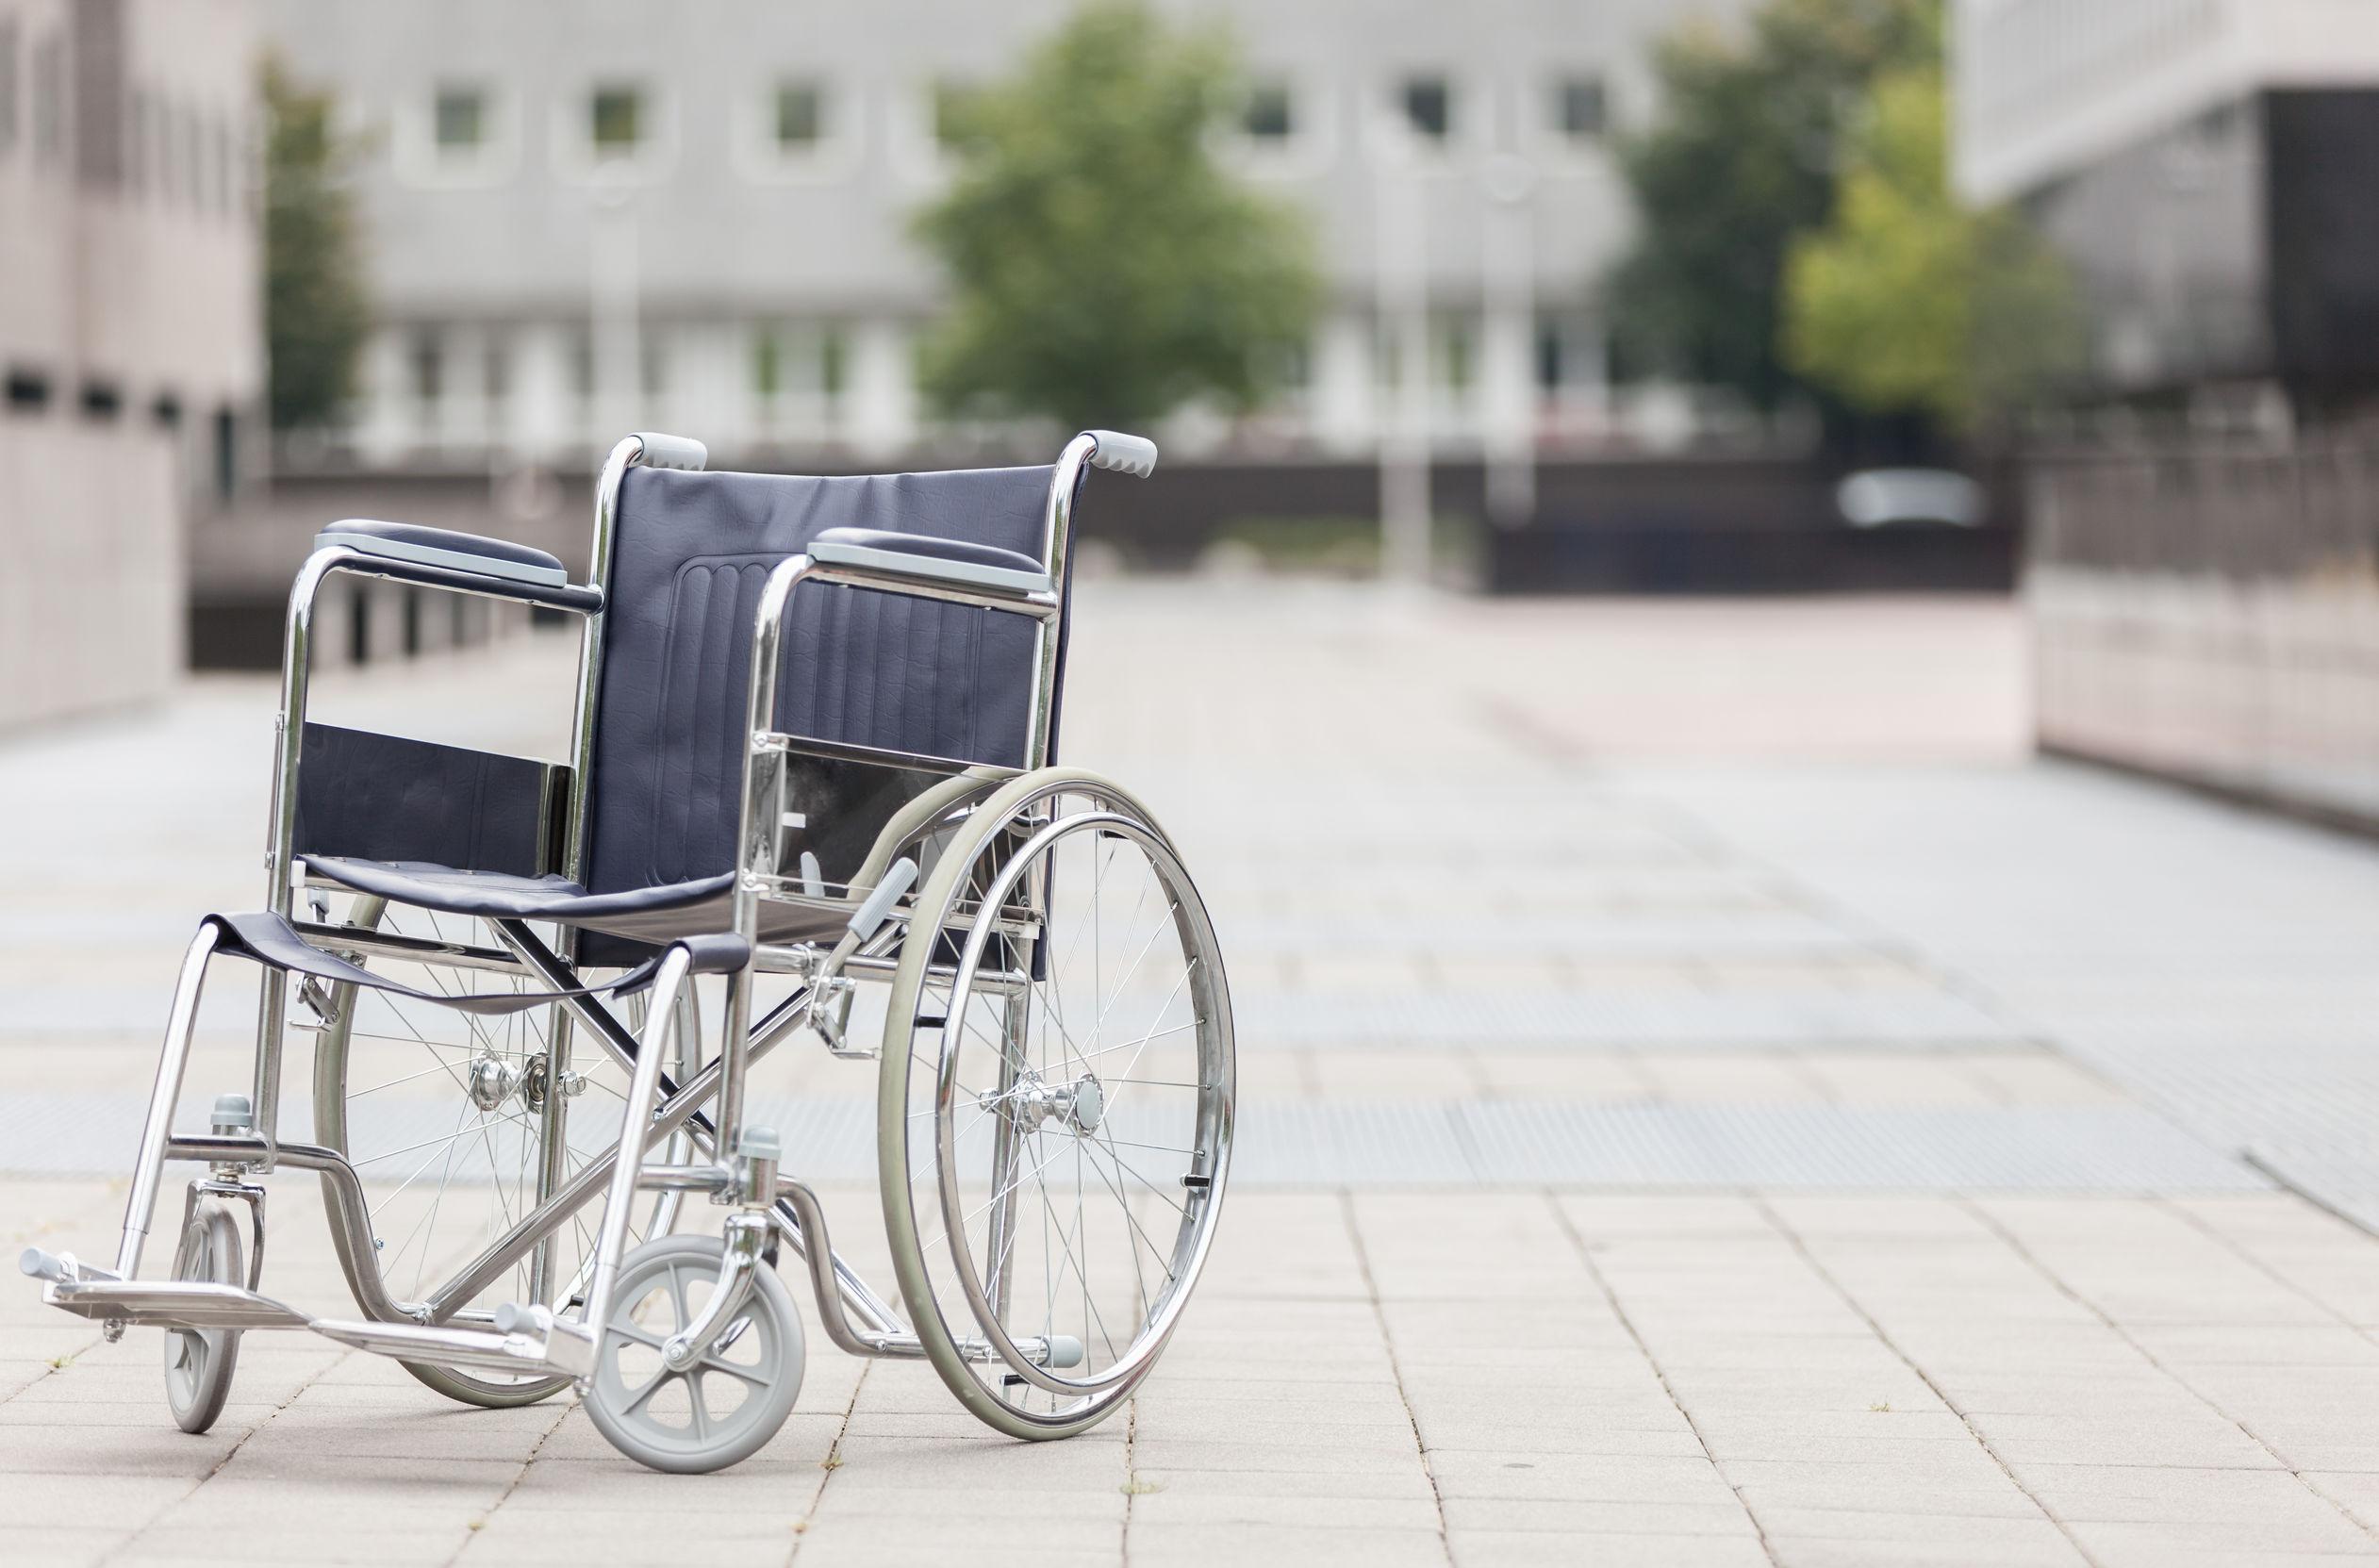 Una sedia a rotelle grigia